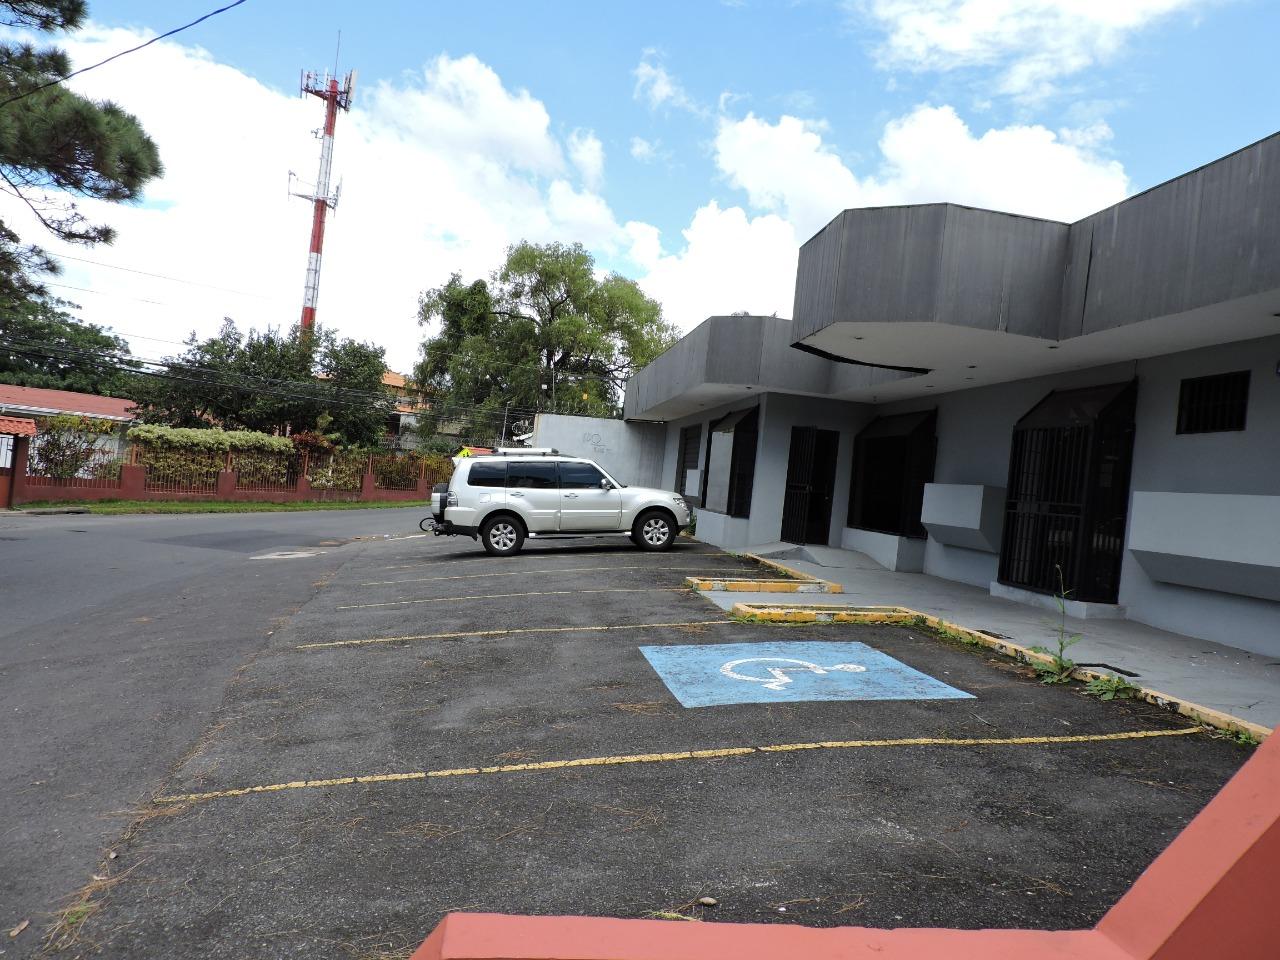 746 Se vende casa comercial en Bello Horizonte. Ideal para hogar de ancianos, clínica, administrativo